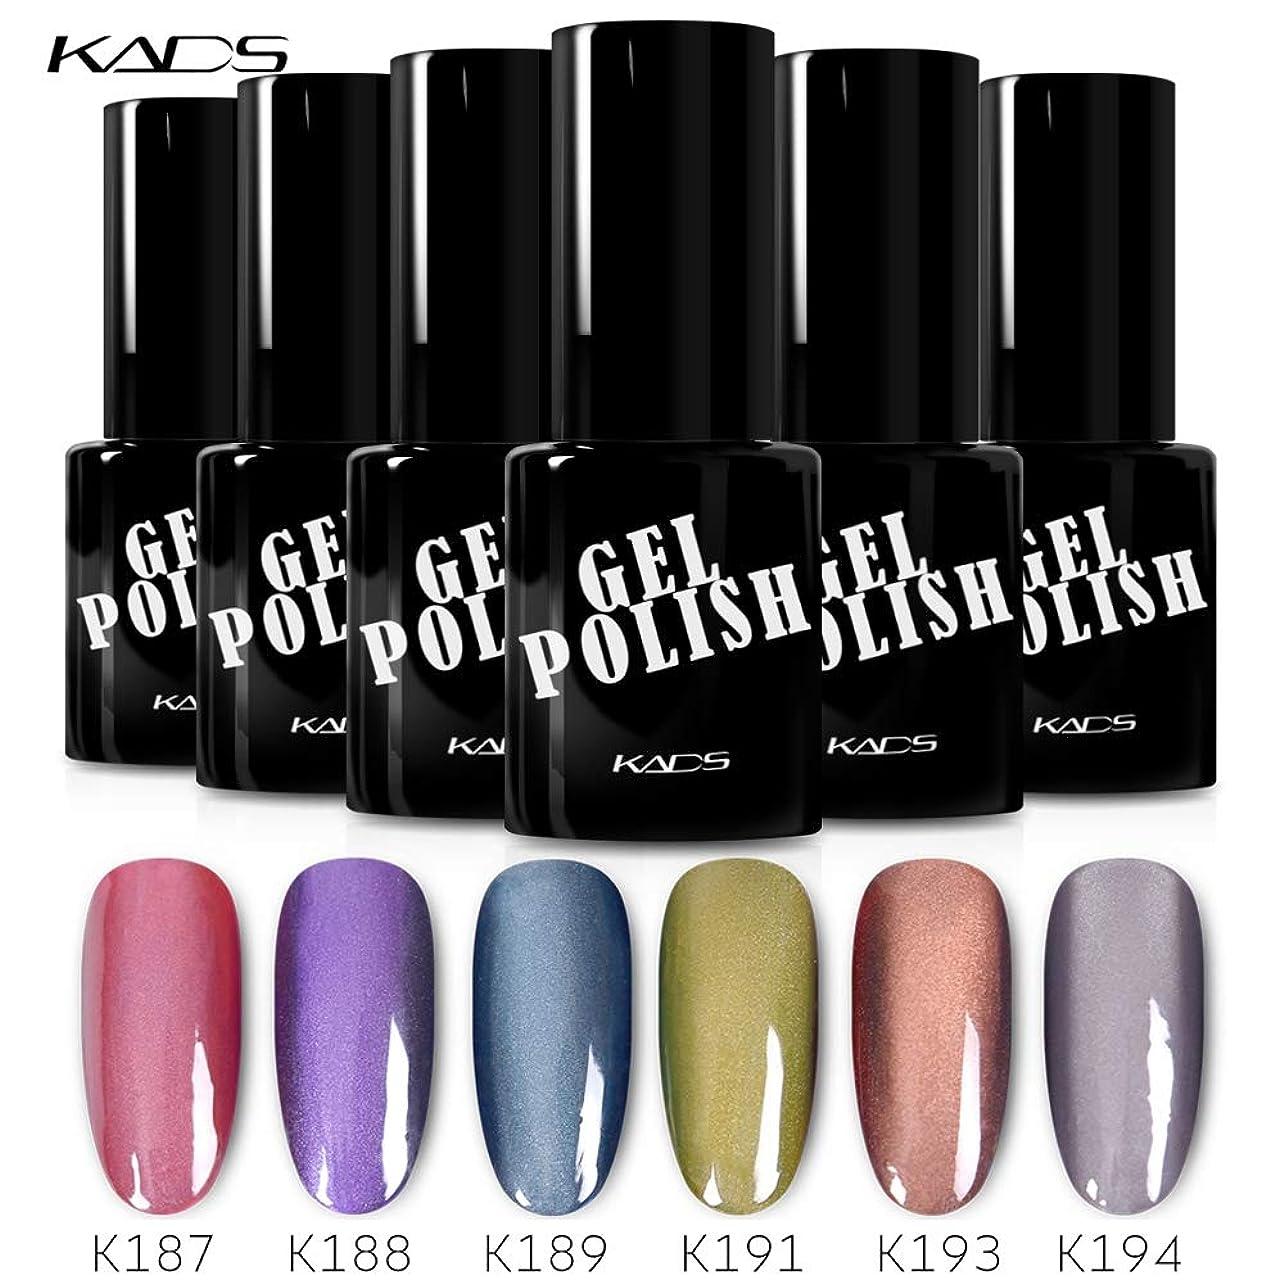 不当ブランド名クラフトKADS カラージェル 6色入り キャッツアイジェルネイル グリーン/ピンク/グレー カラーポリッシュ UV/LED対応 艶長持ち